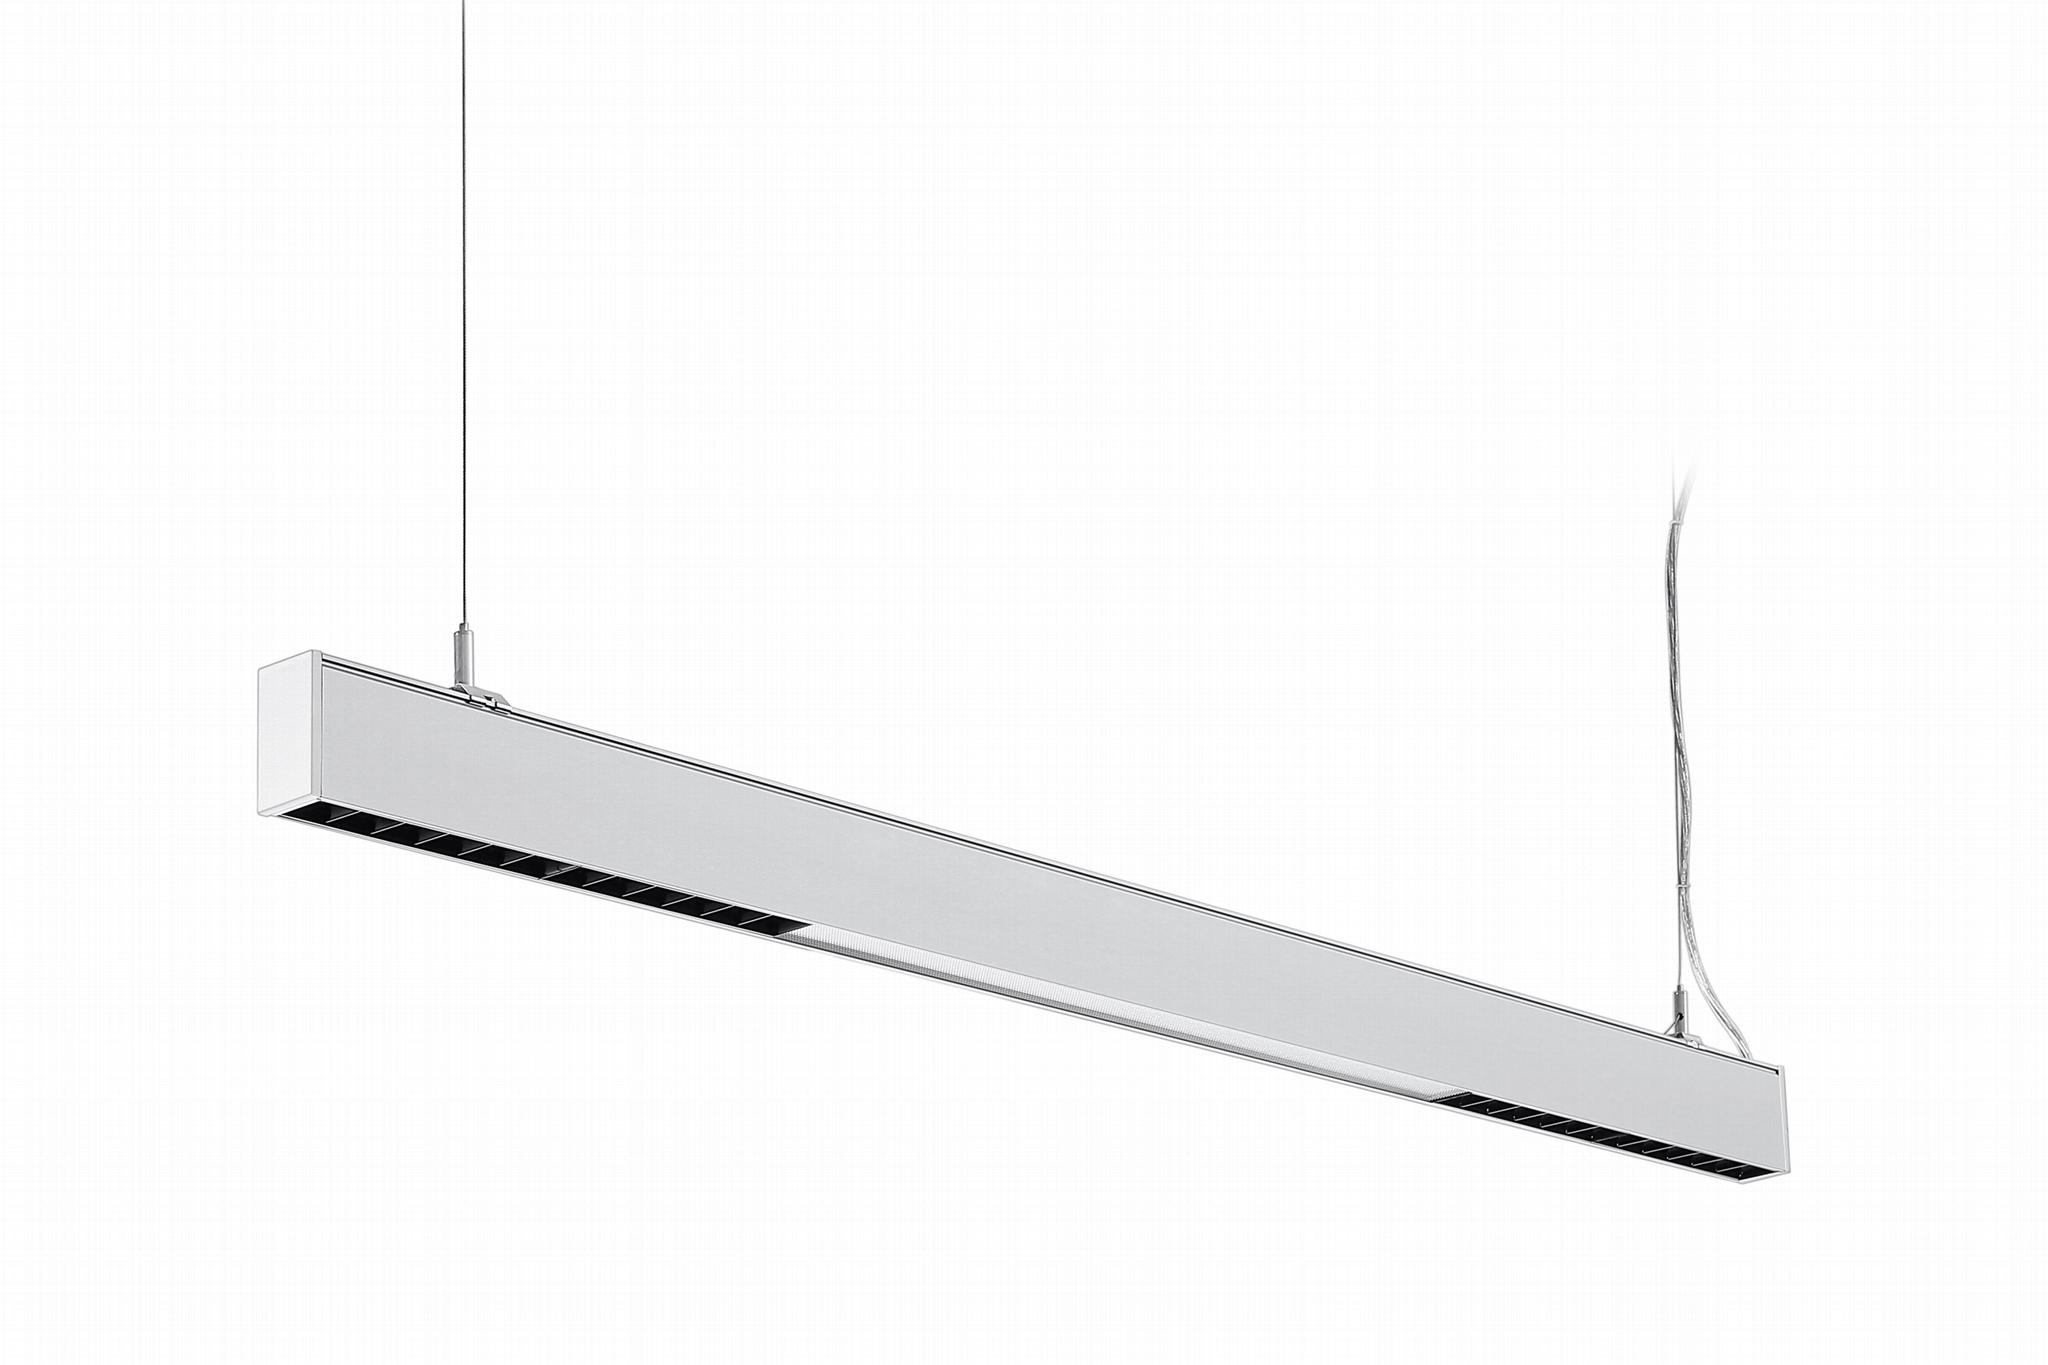 吊裝式反光杯+平罩 LH3570-FZ 5